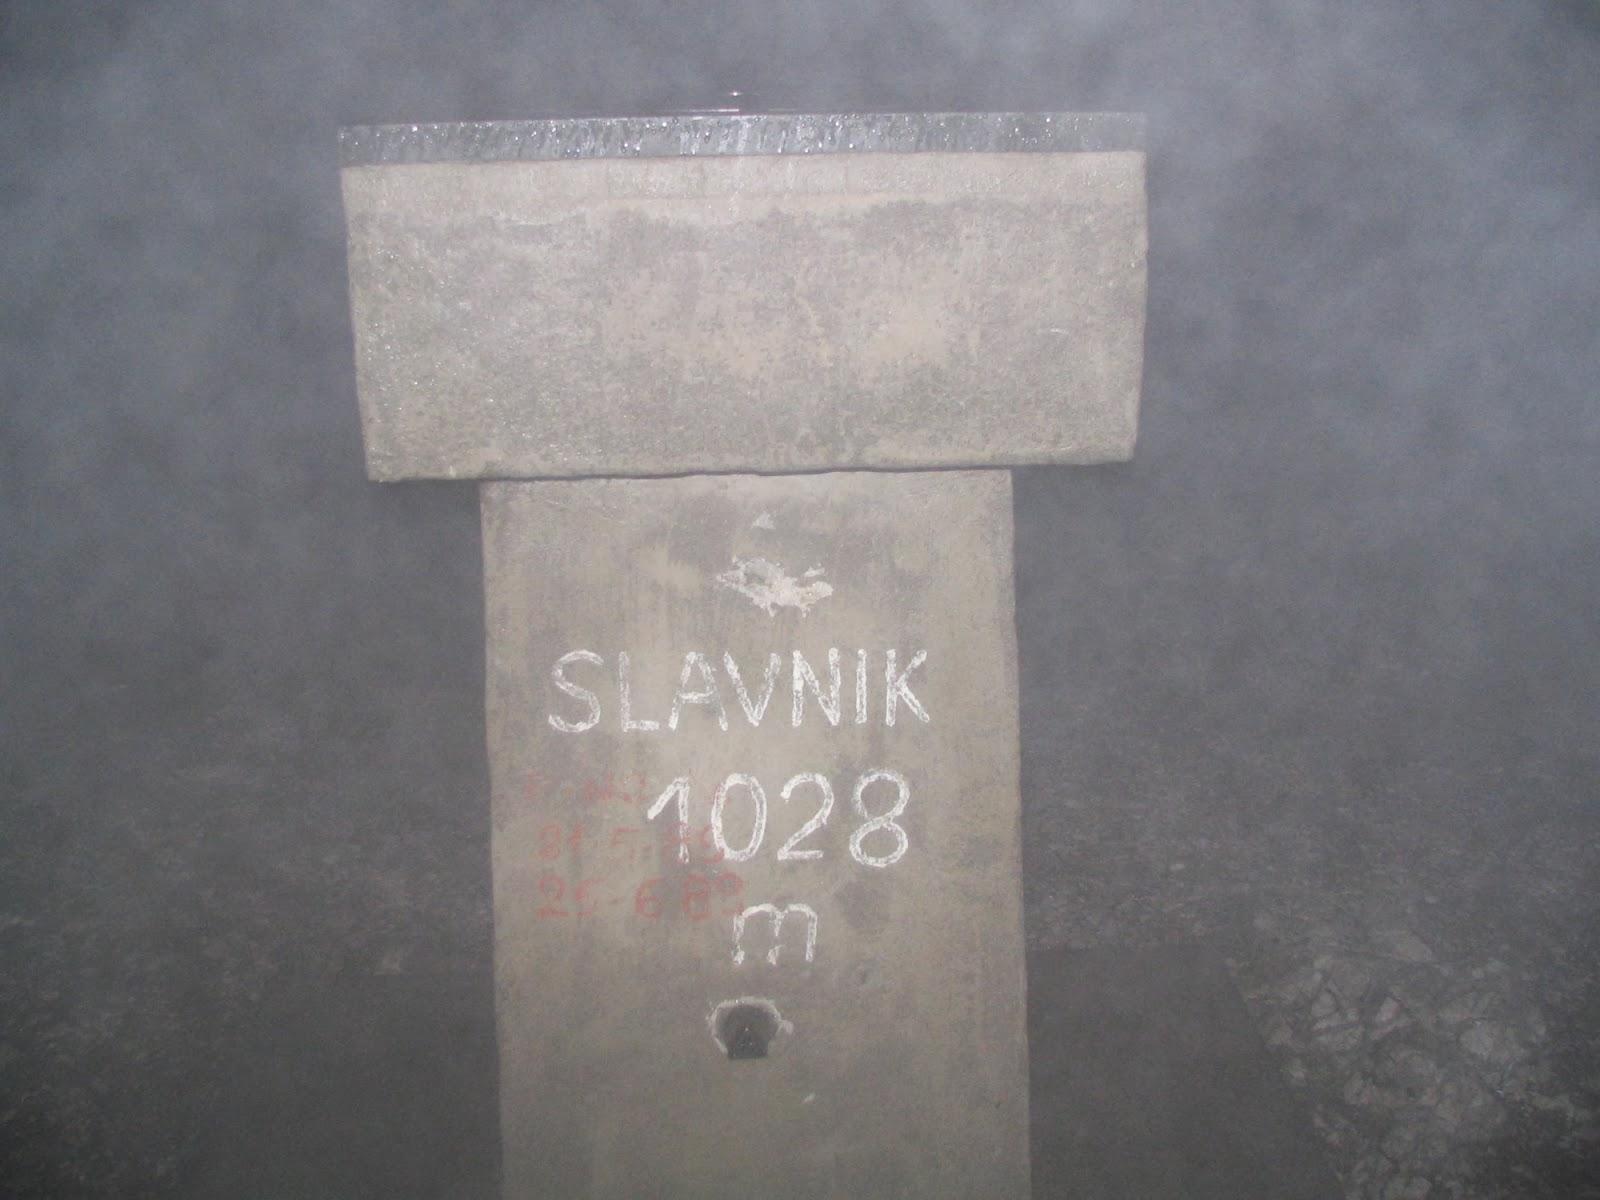 Pohod Slavnik, Slavnik 2004 - IMG_0024.JPG